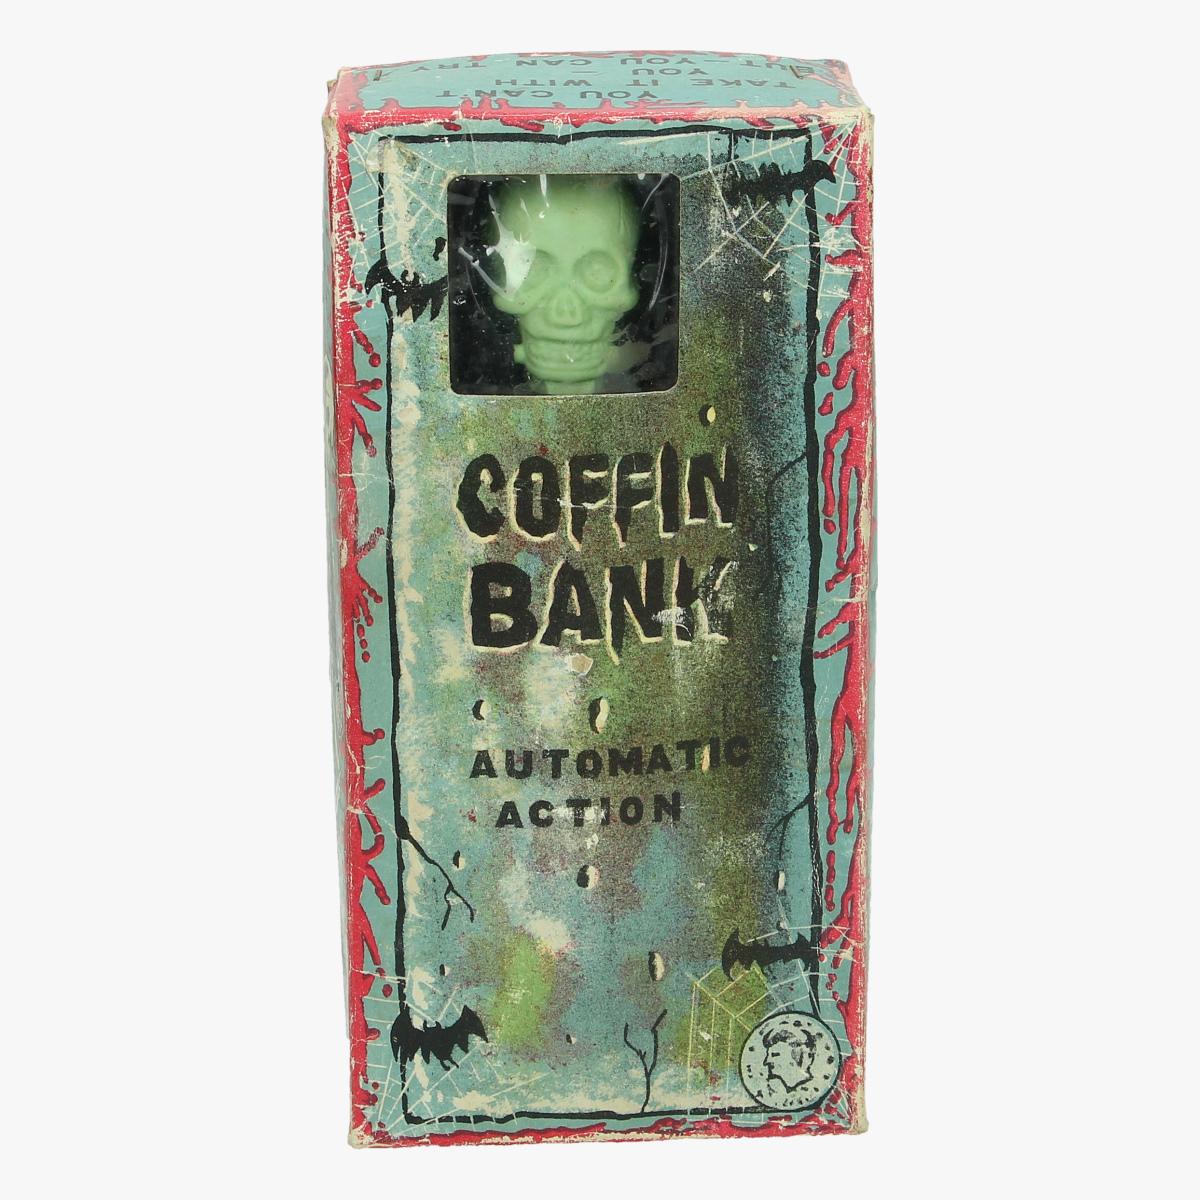 Afbeeldingen van spaarpot coffin bank